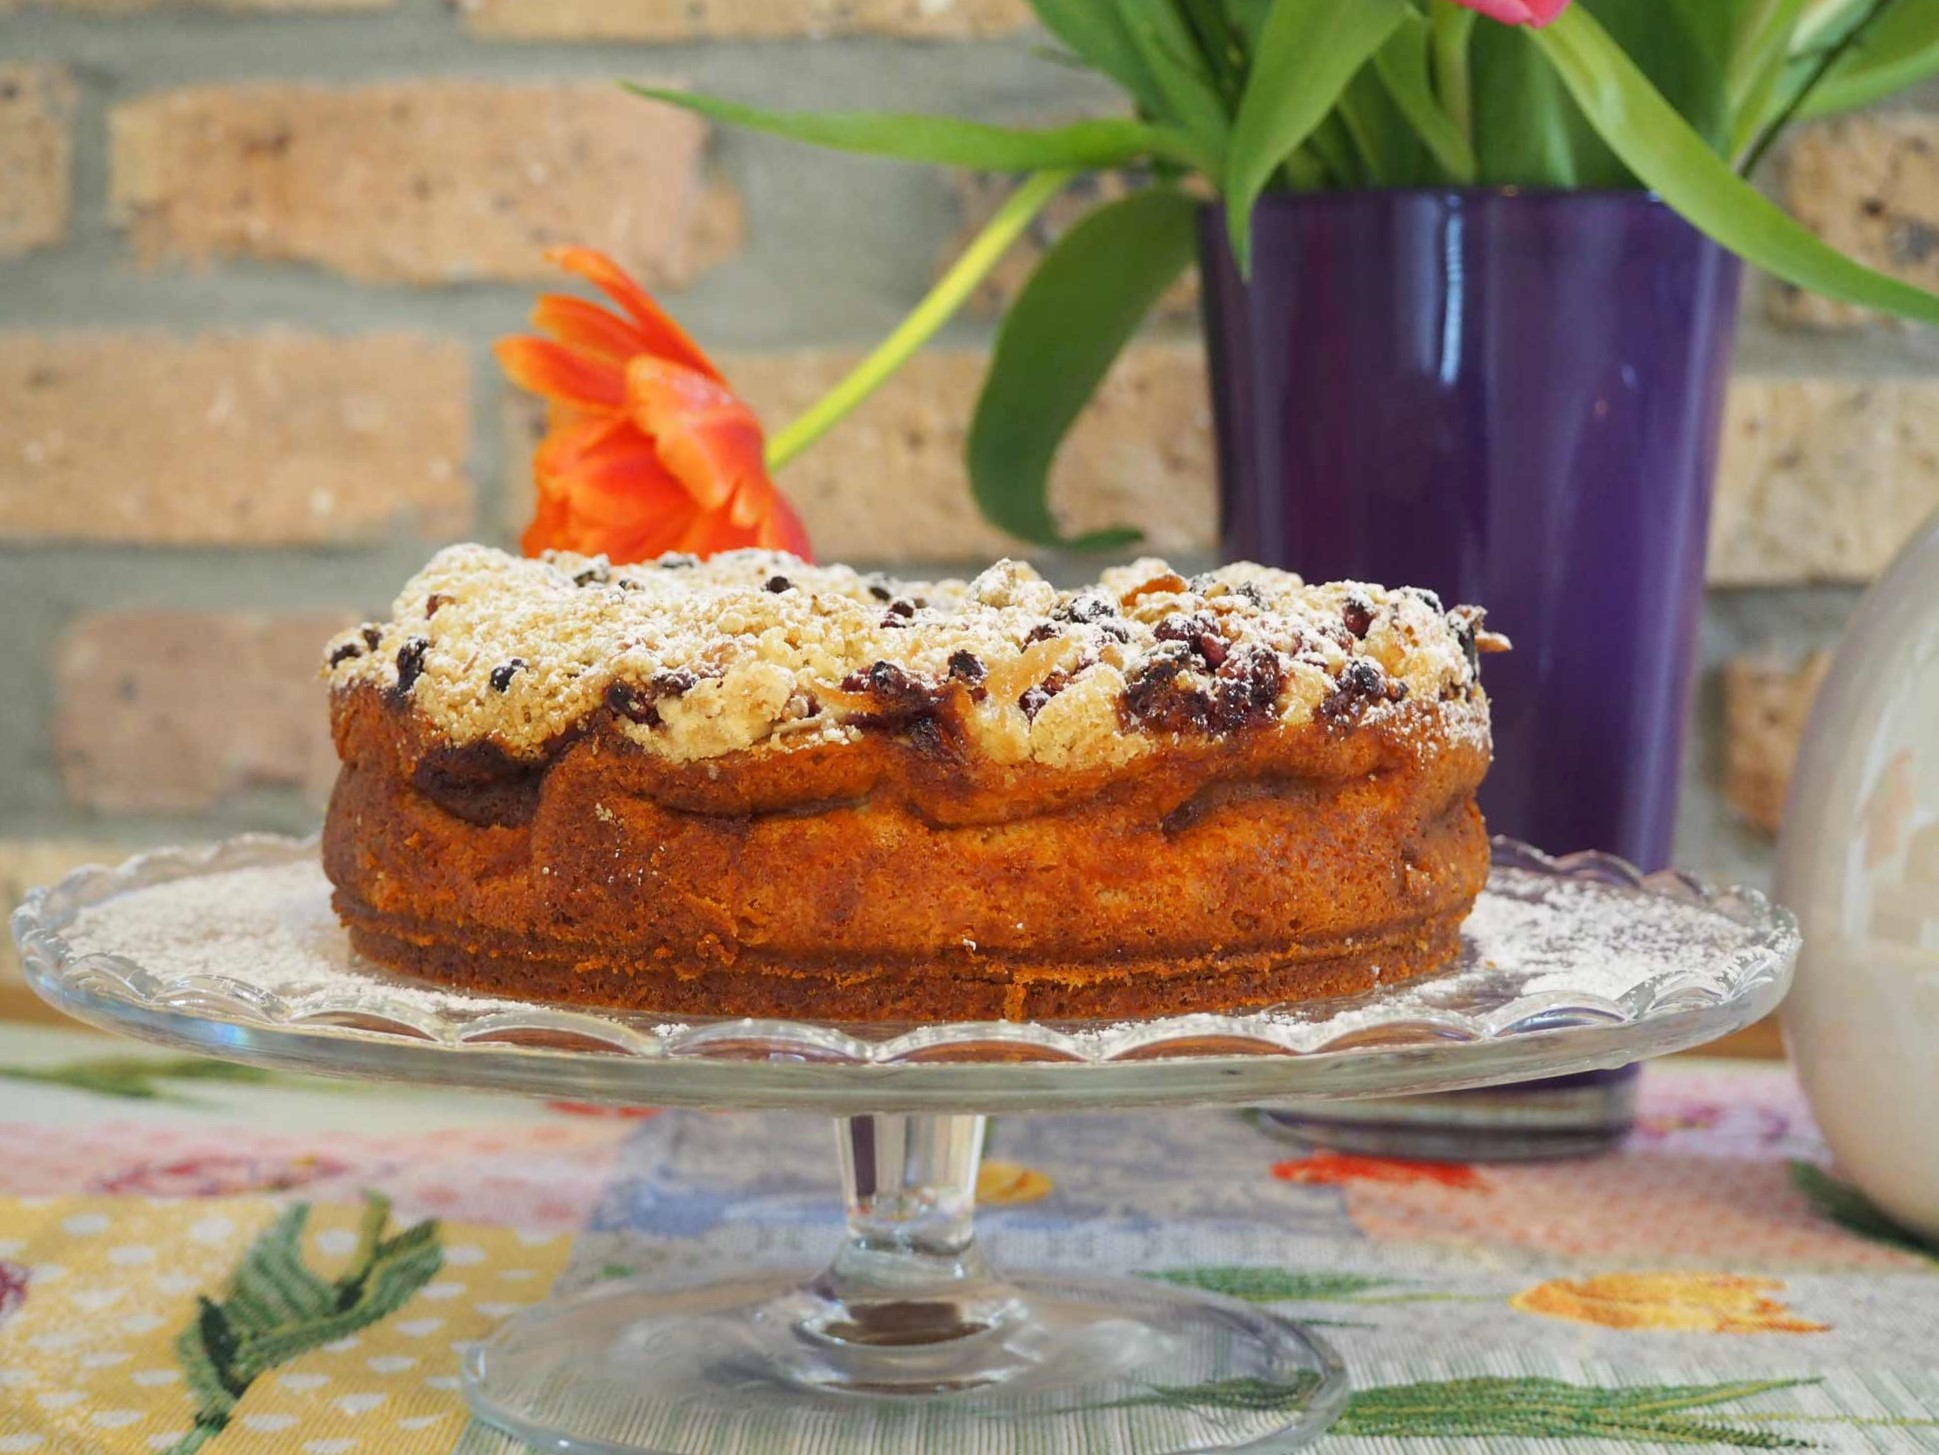 Ein Rezept für einen Apfelkuchen mit Granatapfel-Crumble-Topping